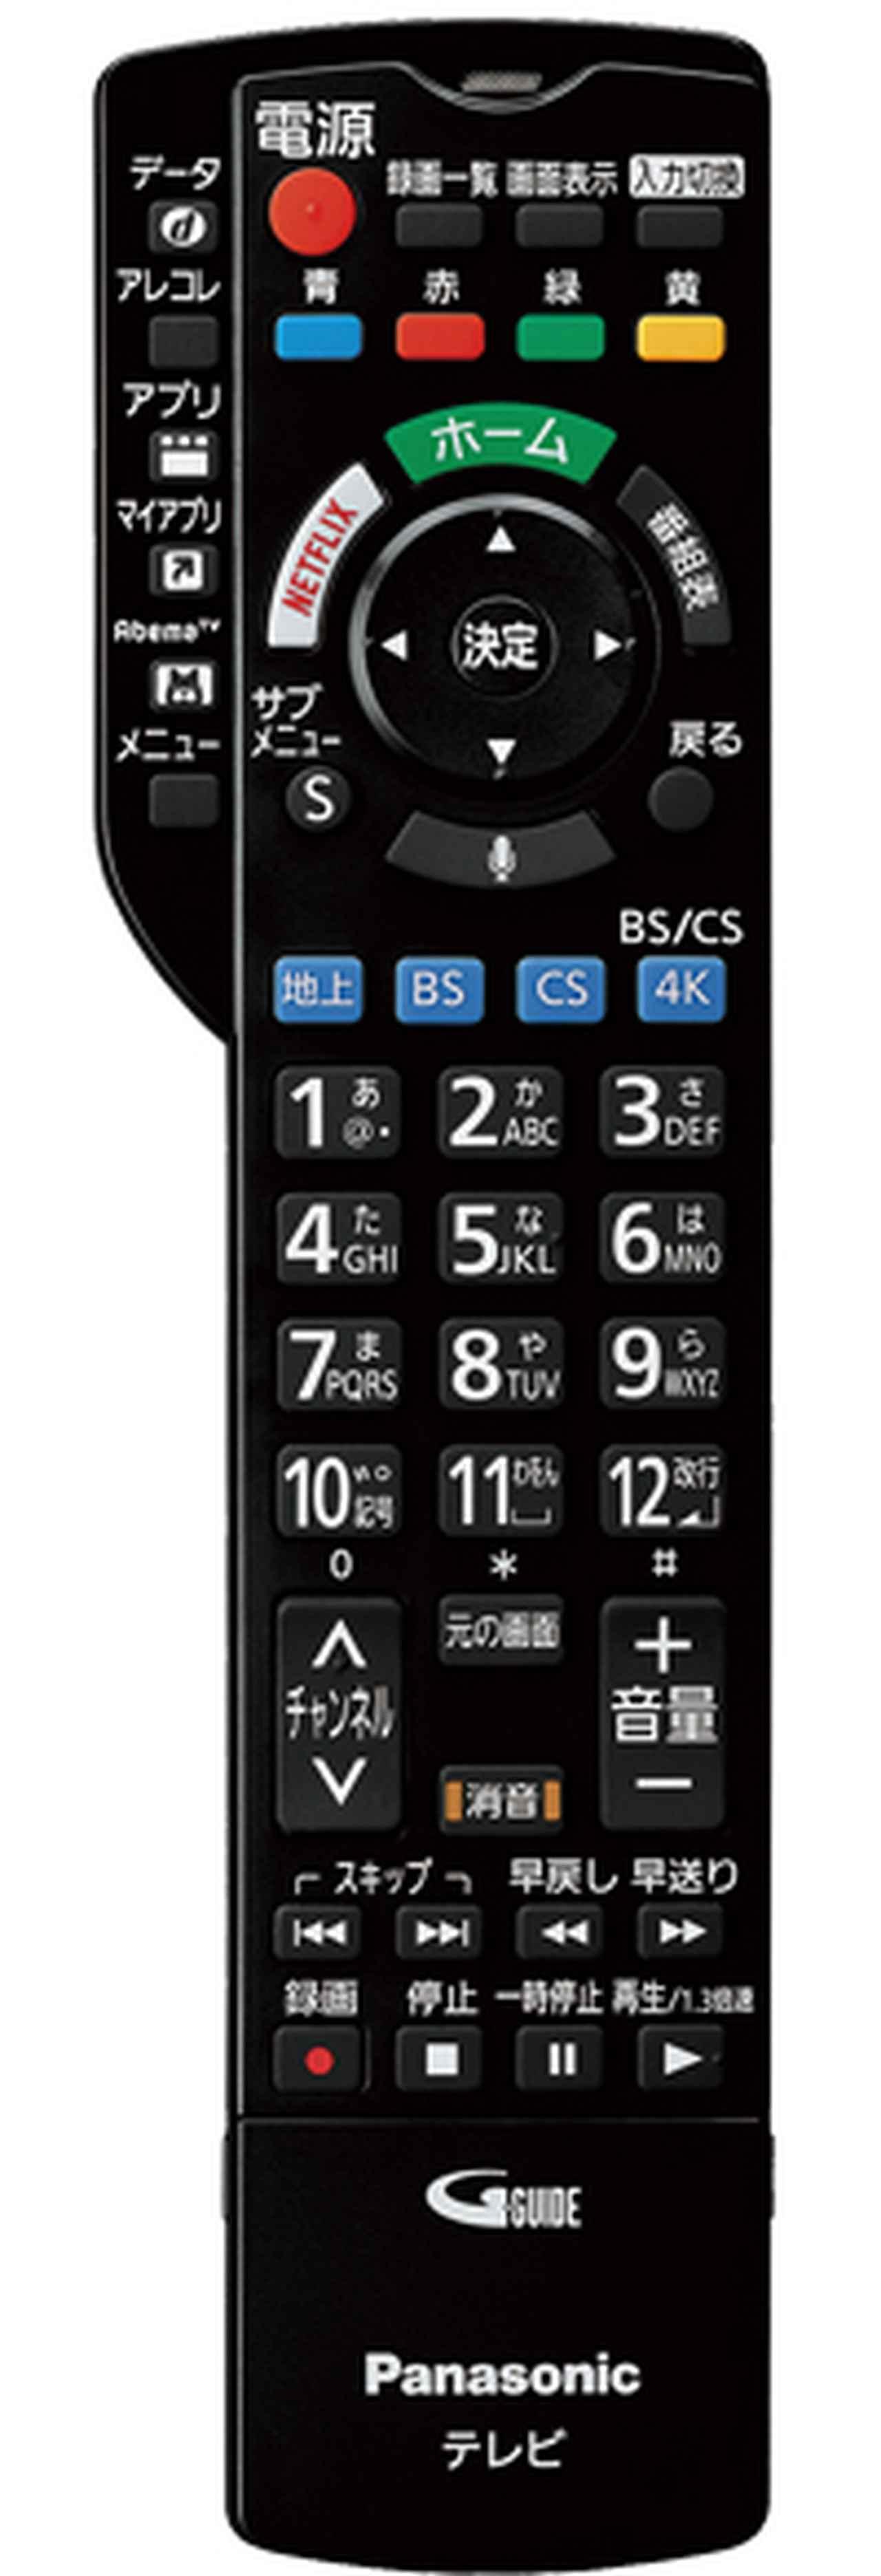 画像43: 【4Kテレビのおすすめ】2K/4K変換処理の性能がアップ!評価の高い15機種を徹底比較